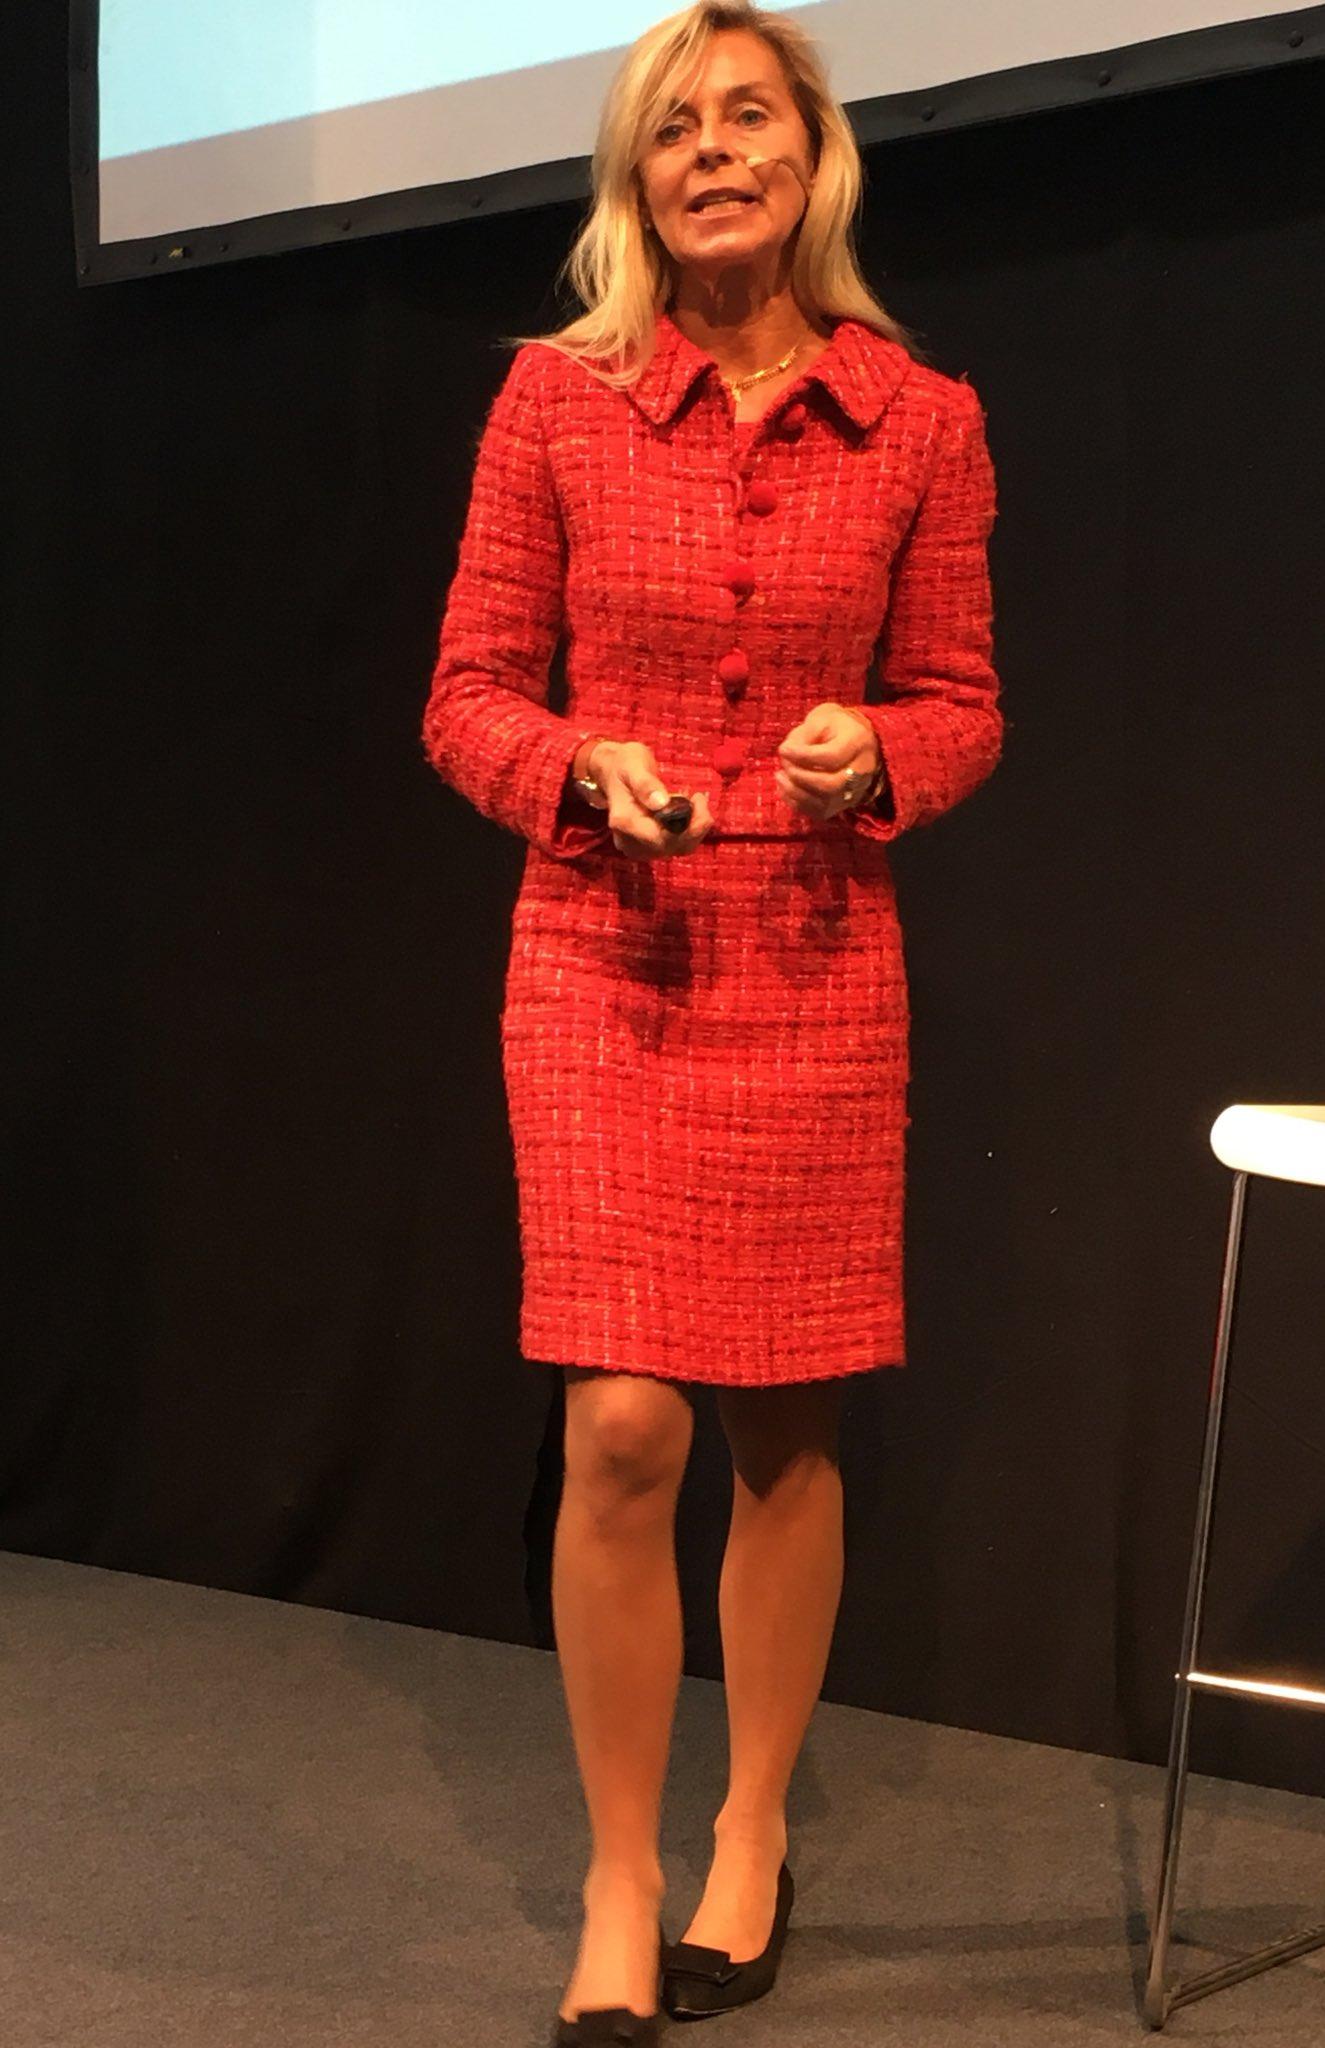 """Frau Dr. Ursula Schütze-Kreilkamp @ über """"Das digitale Ich"""" bei der #cebiteda @DB_Presse https://t.co/P3DJGIQa98"""